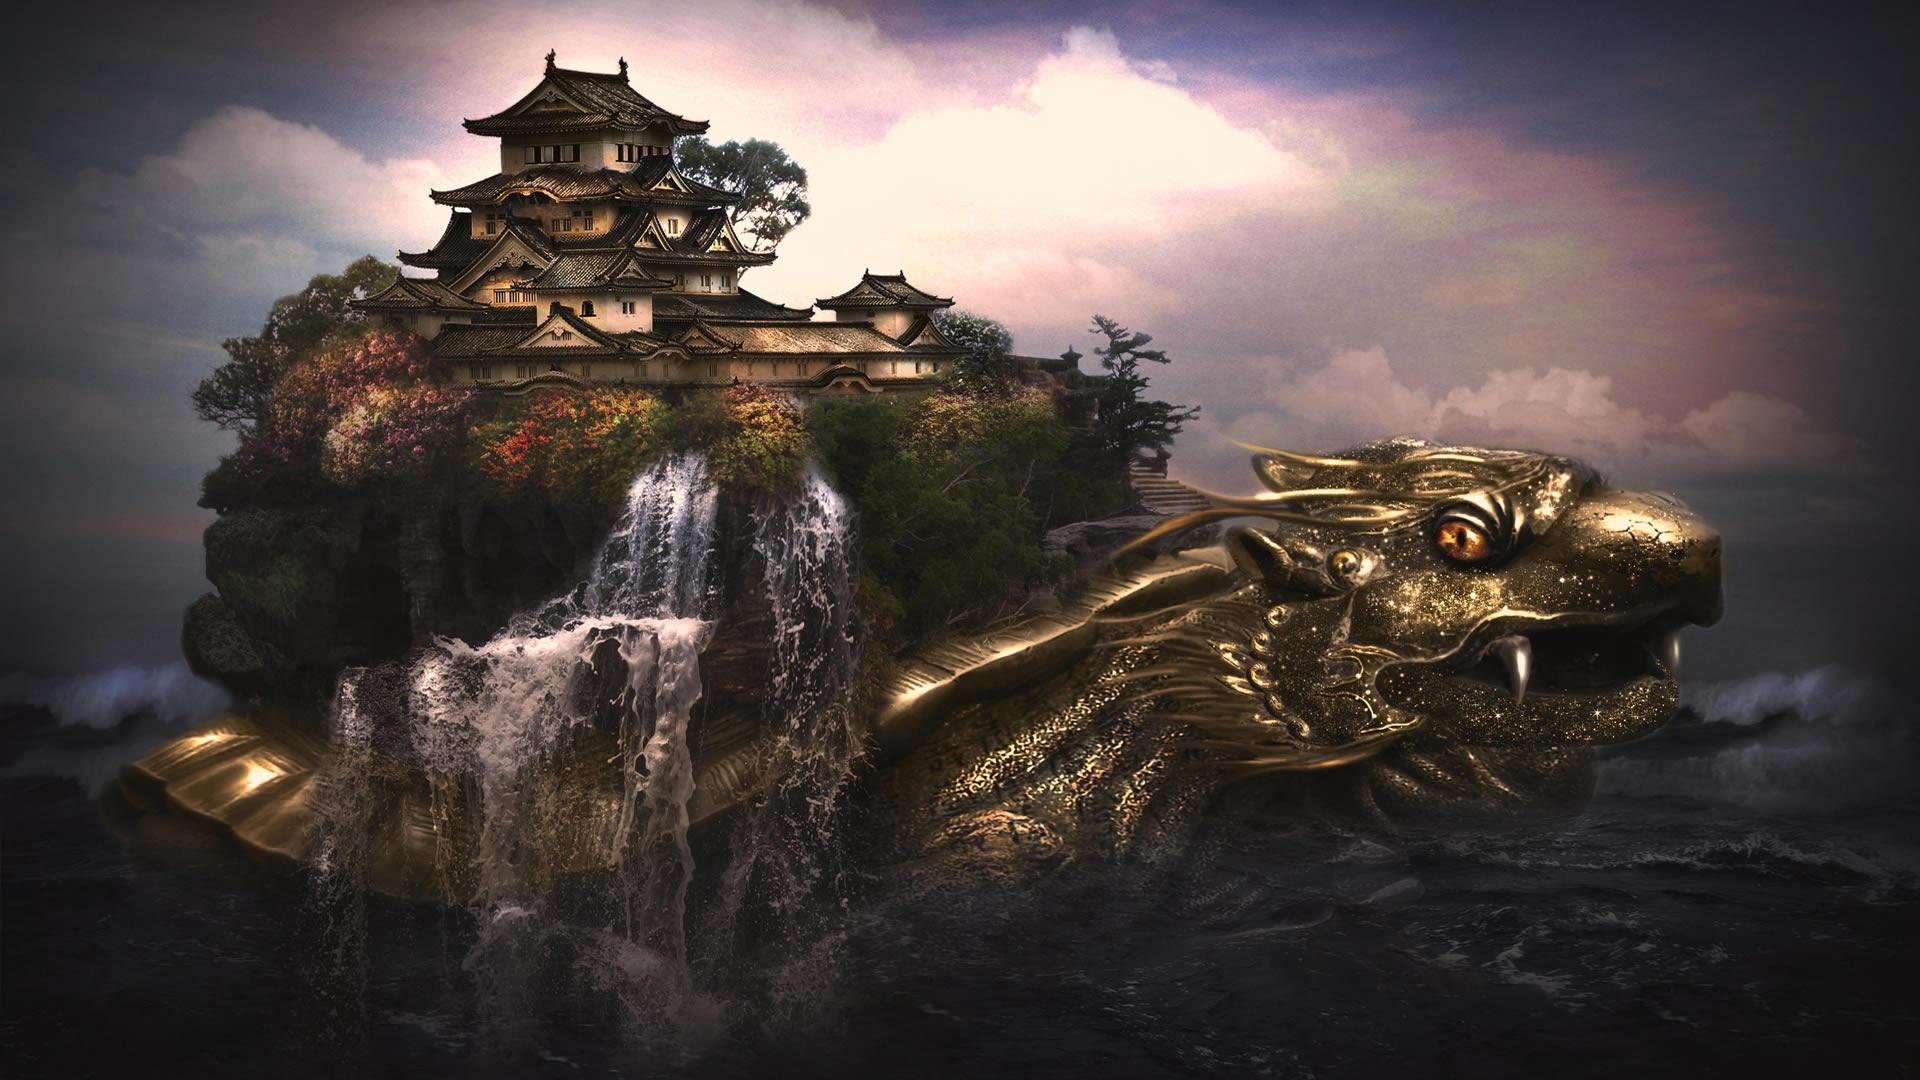 Fantasy S Wallpaper: More HD Fantasy Art Wallpaper….